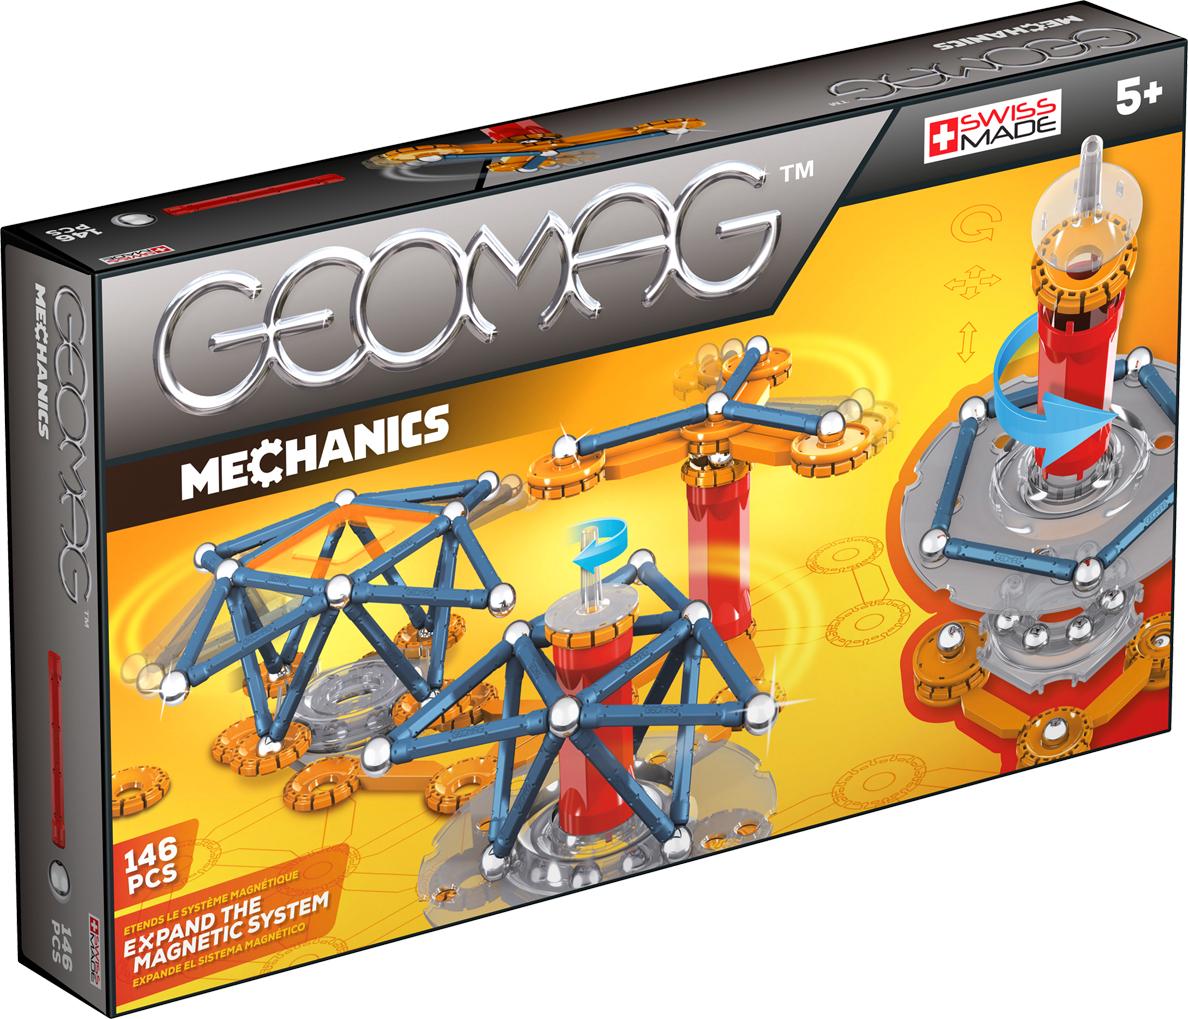 Geomag Конструктор магнитный Mechanics 146 элементов